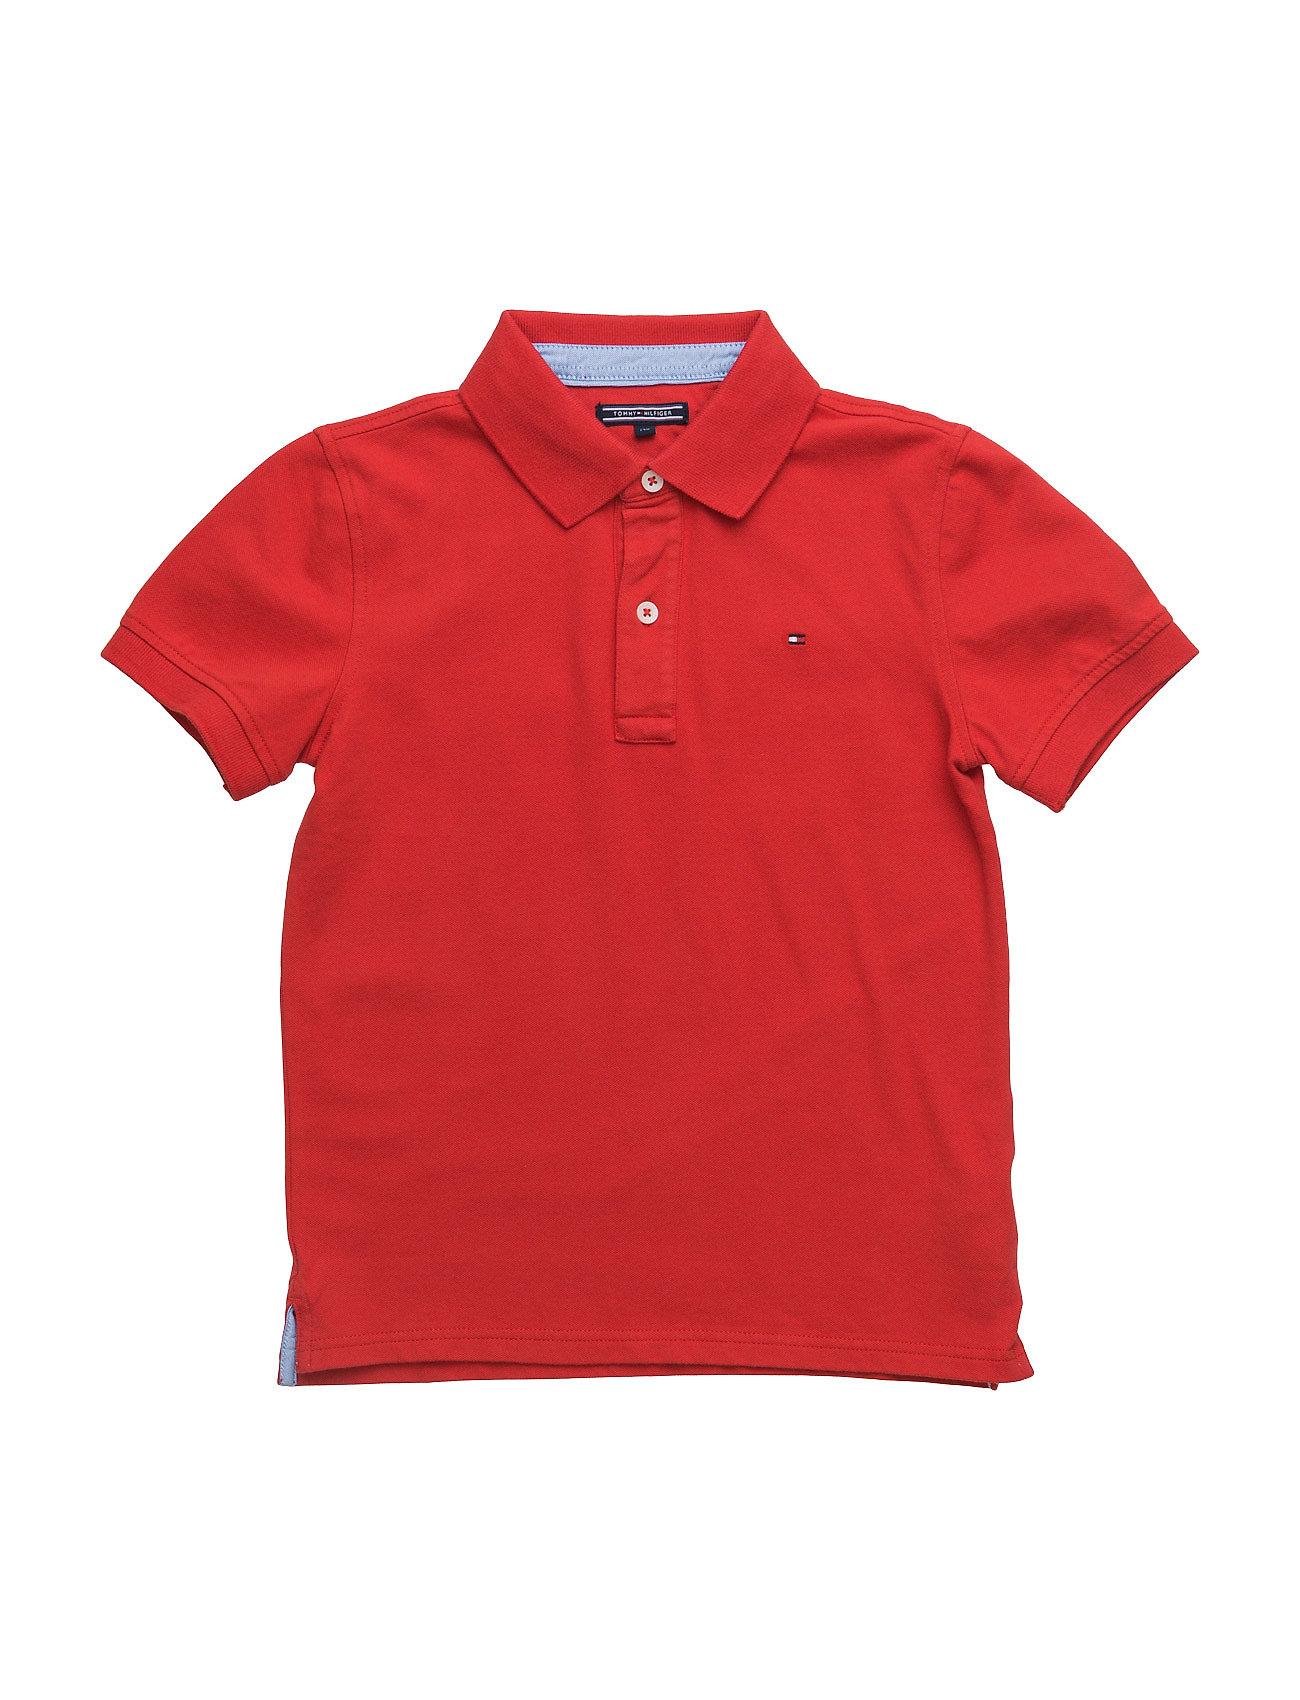 Ame Tommy Polo S/S Tommy Hilfiger T-shirts til Drenge i Rød